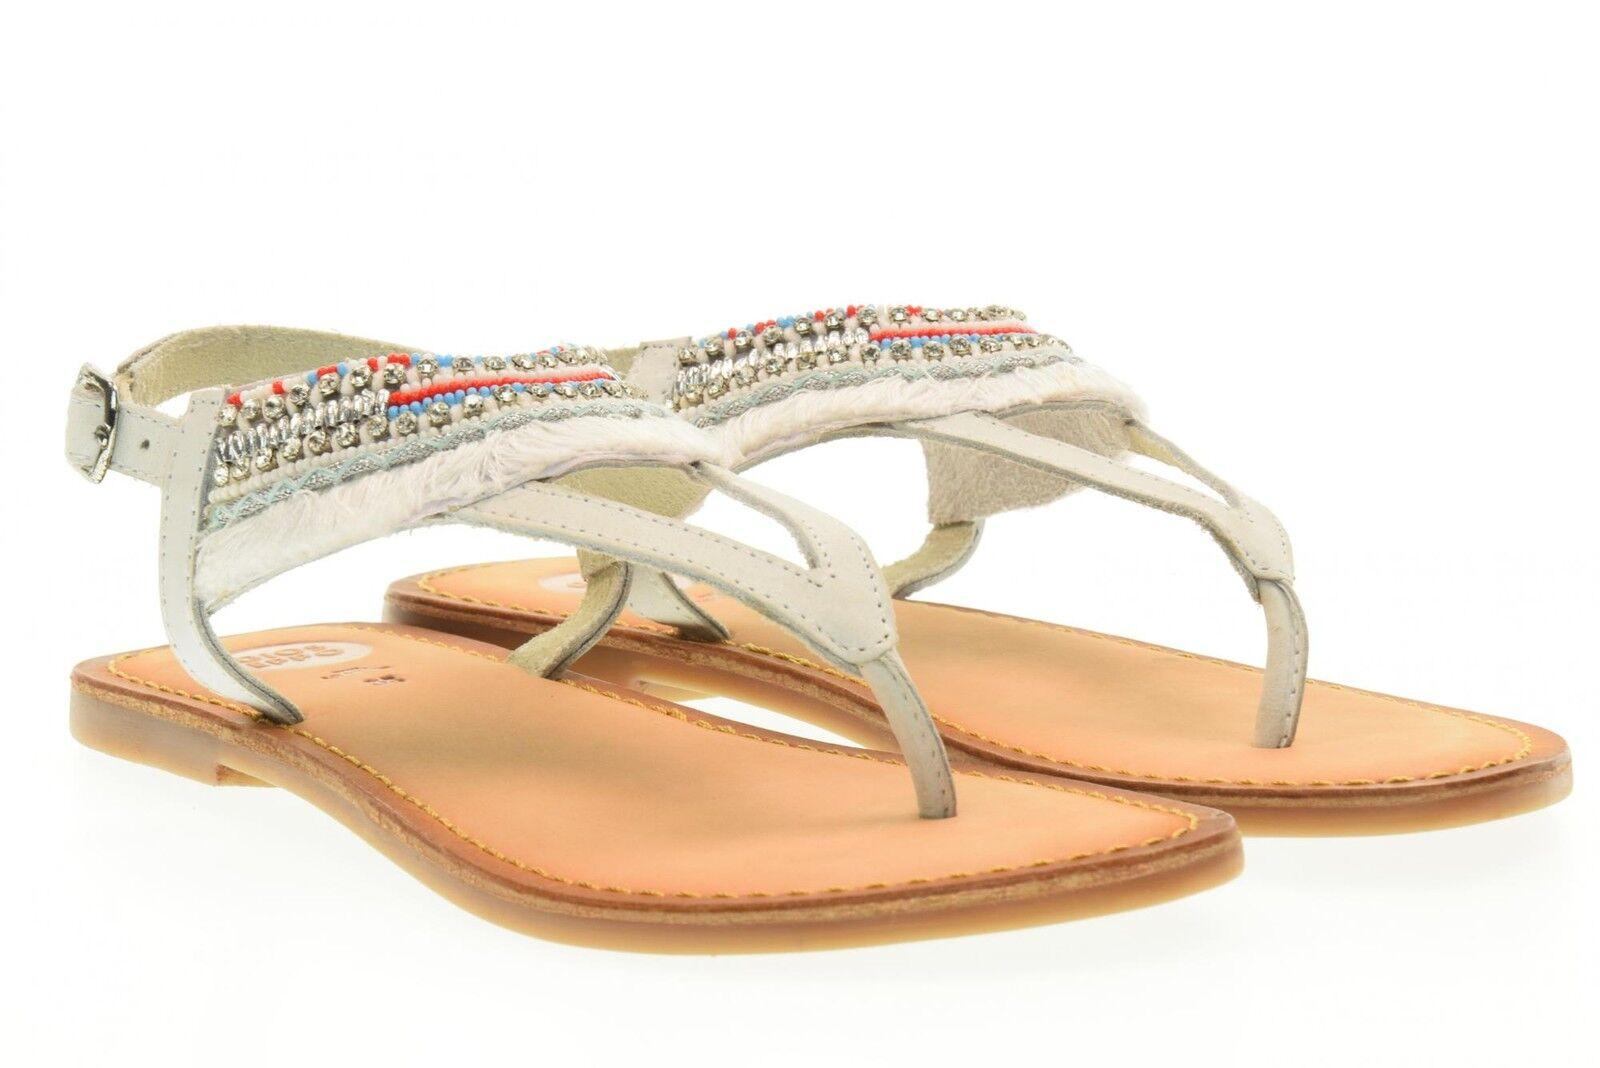 Gioseppo scarpe bambina ETHNIC infradito 38846-01 ETHNIC bambina P17 d6442d